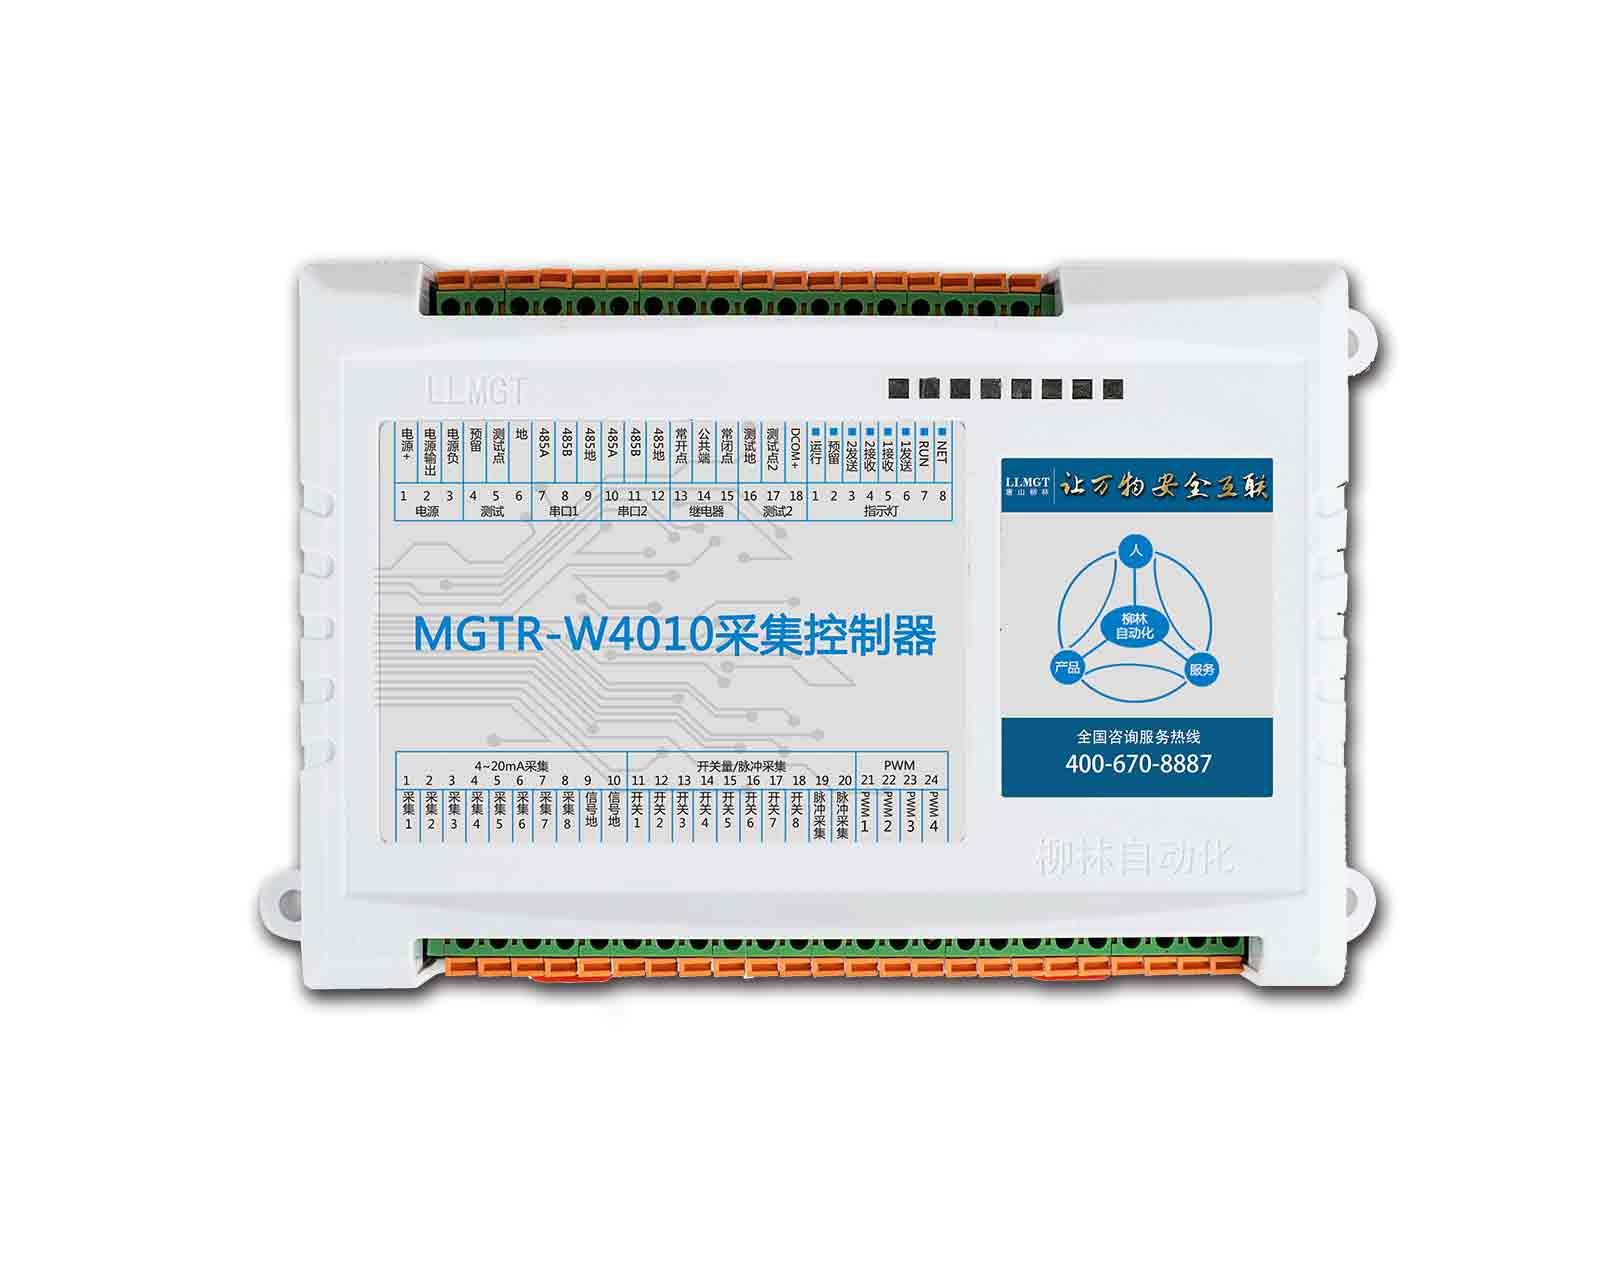 MGTR-W4010�����у�跺��